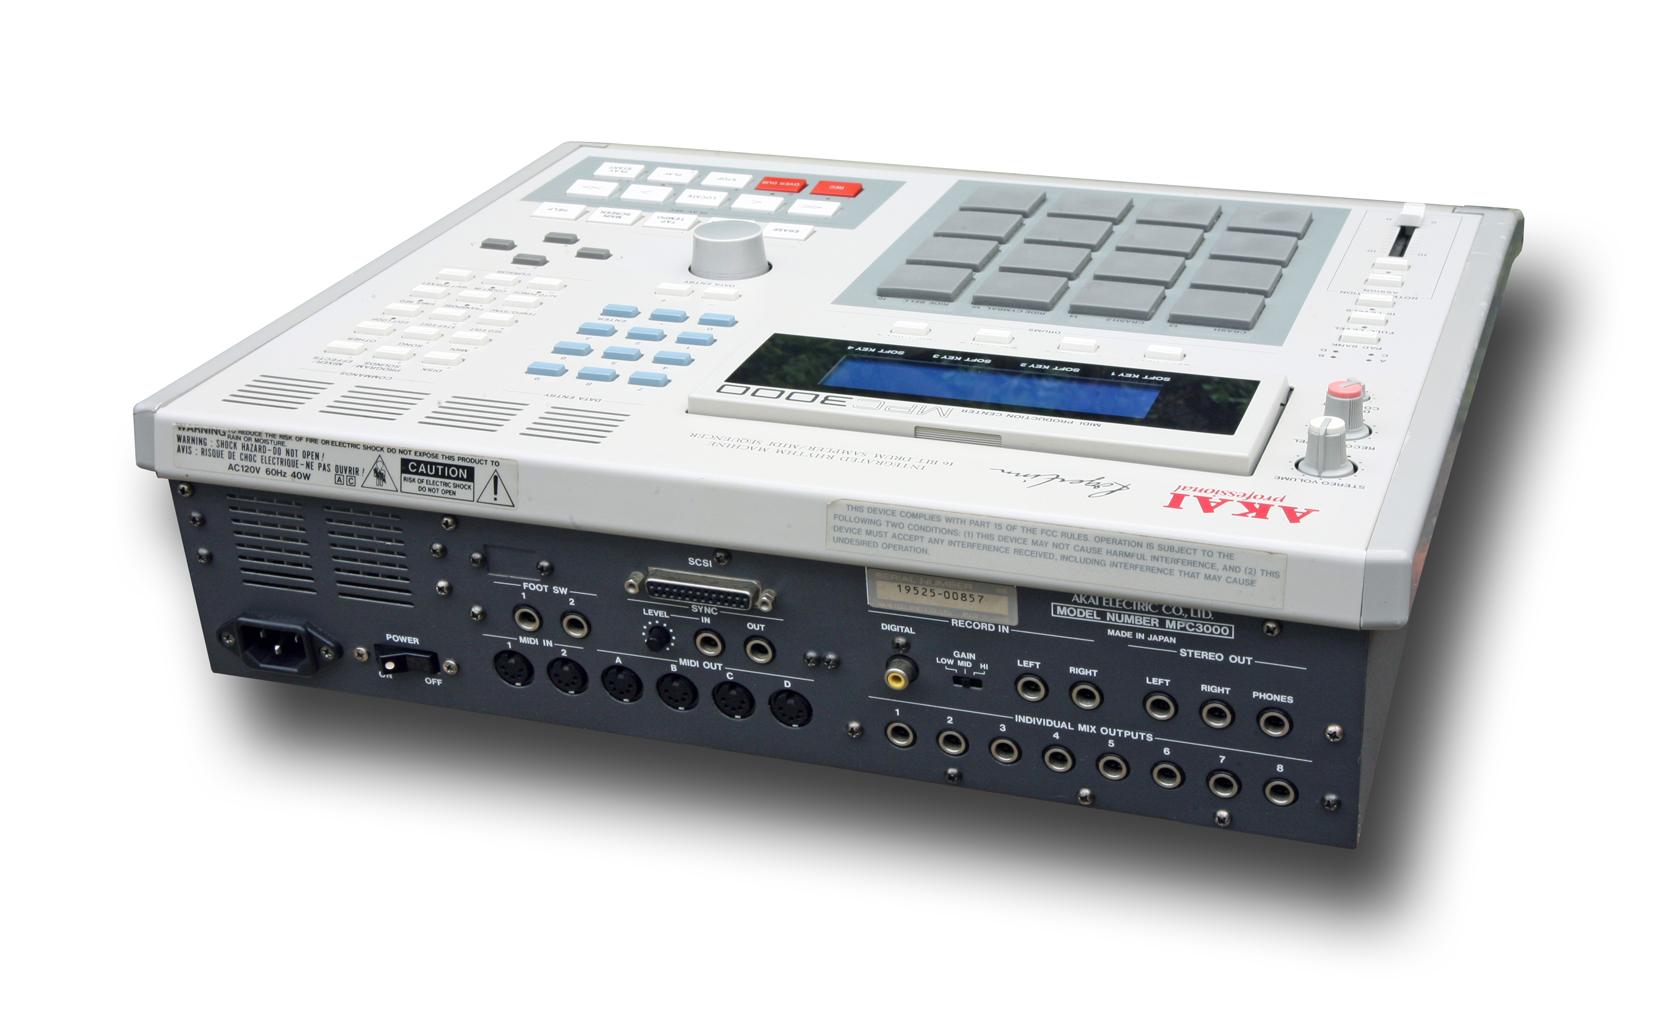 Akai MPC3000 image (#486639) - Audiofanzine